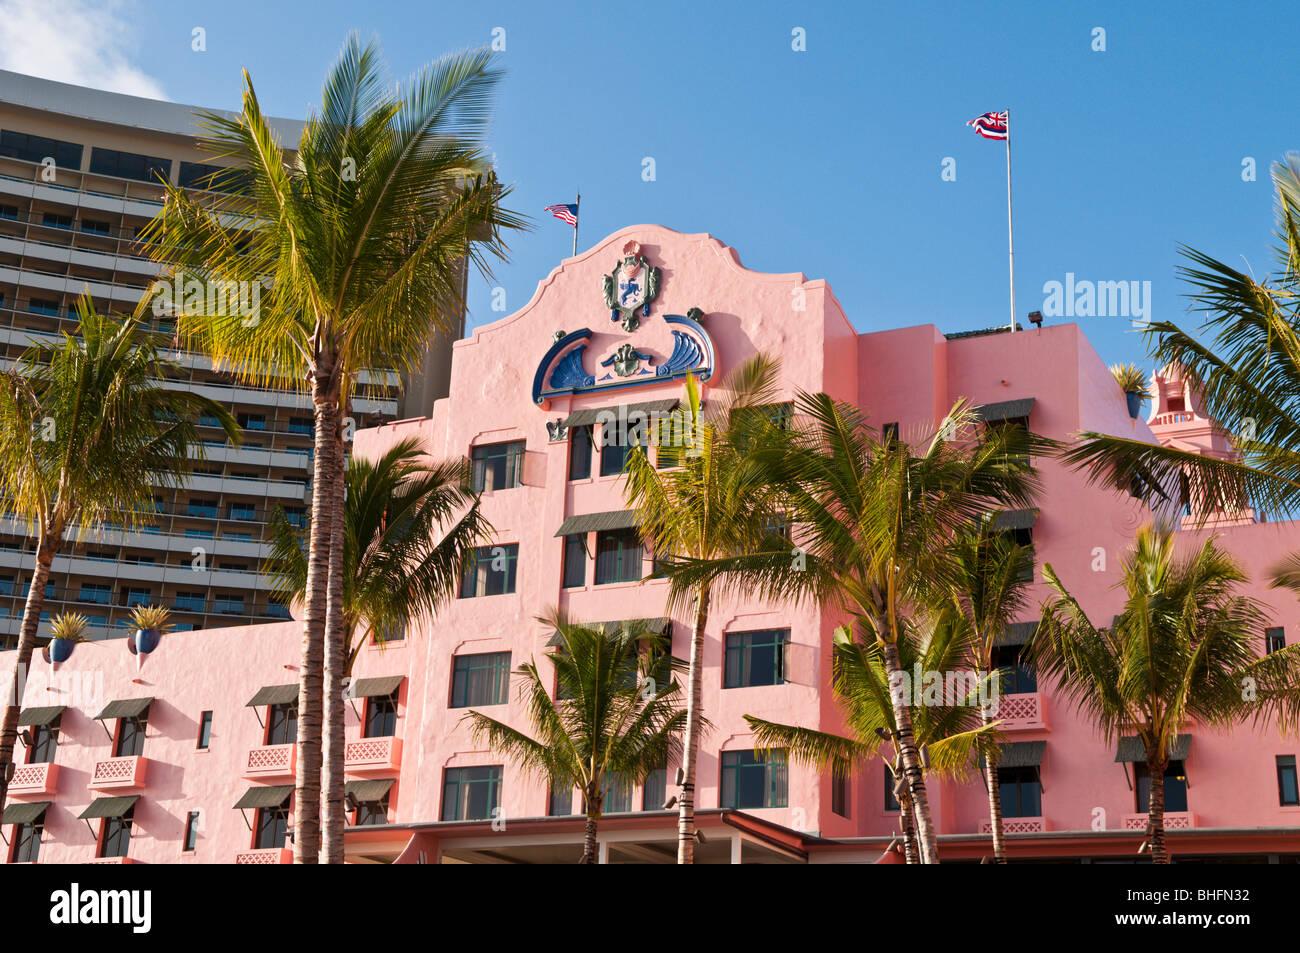 Royal Hawaiian Hotel, Waikiki, Oahu, Hawaii - Stock Image